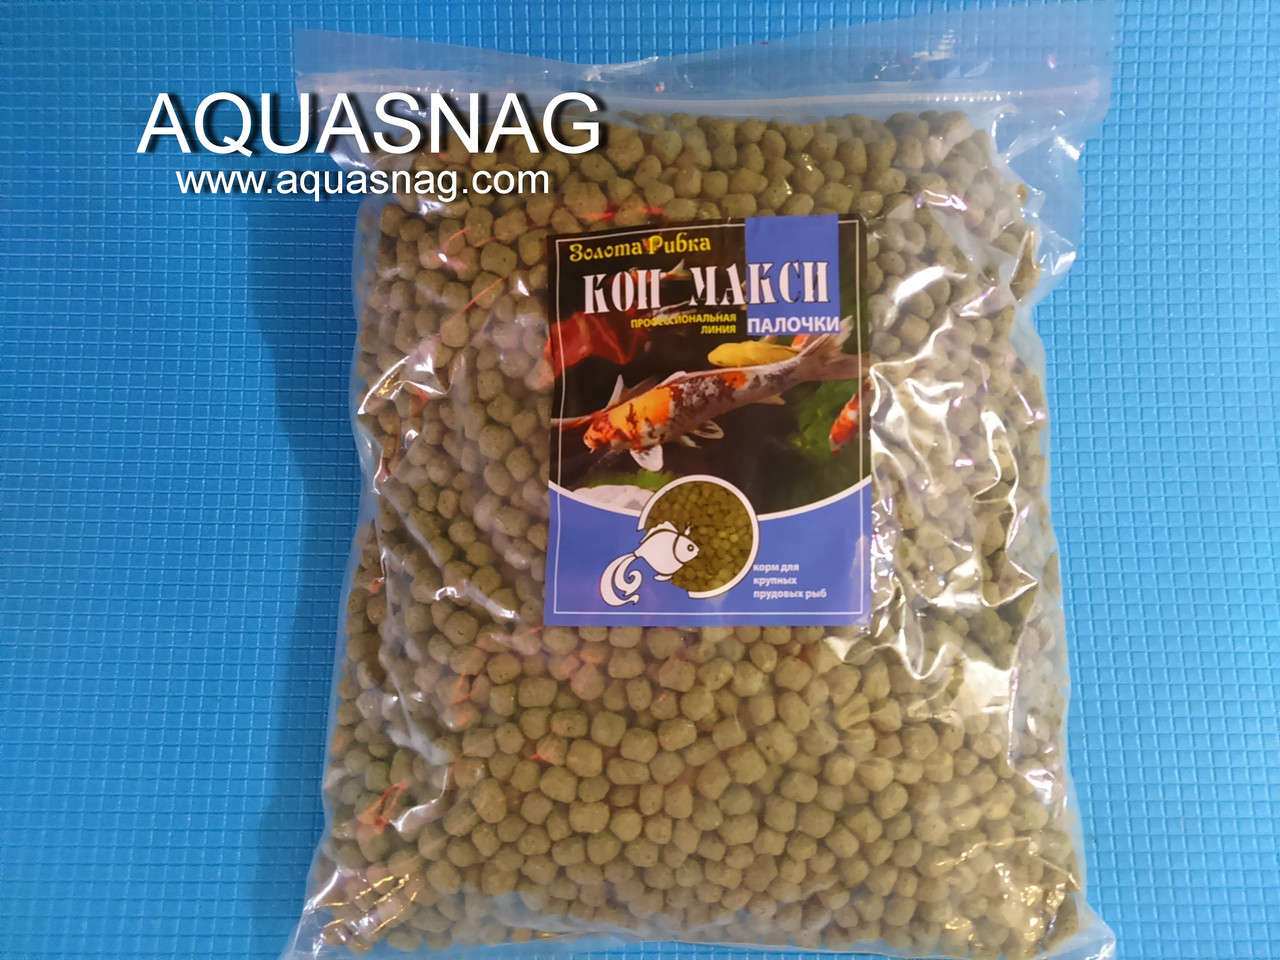 Кои Макси, зеленый -1кг, основной, витаминизированный корм для крупных прудовых рыб